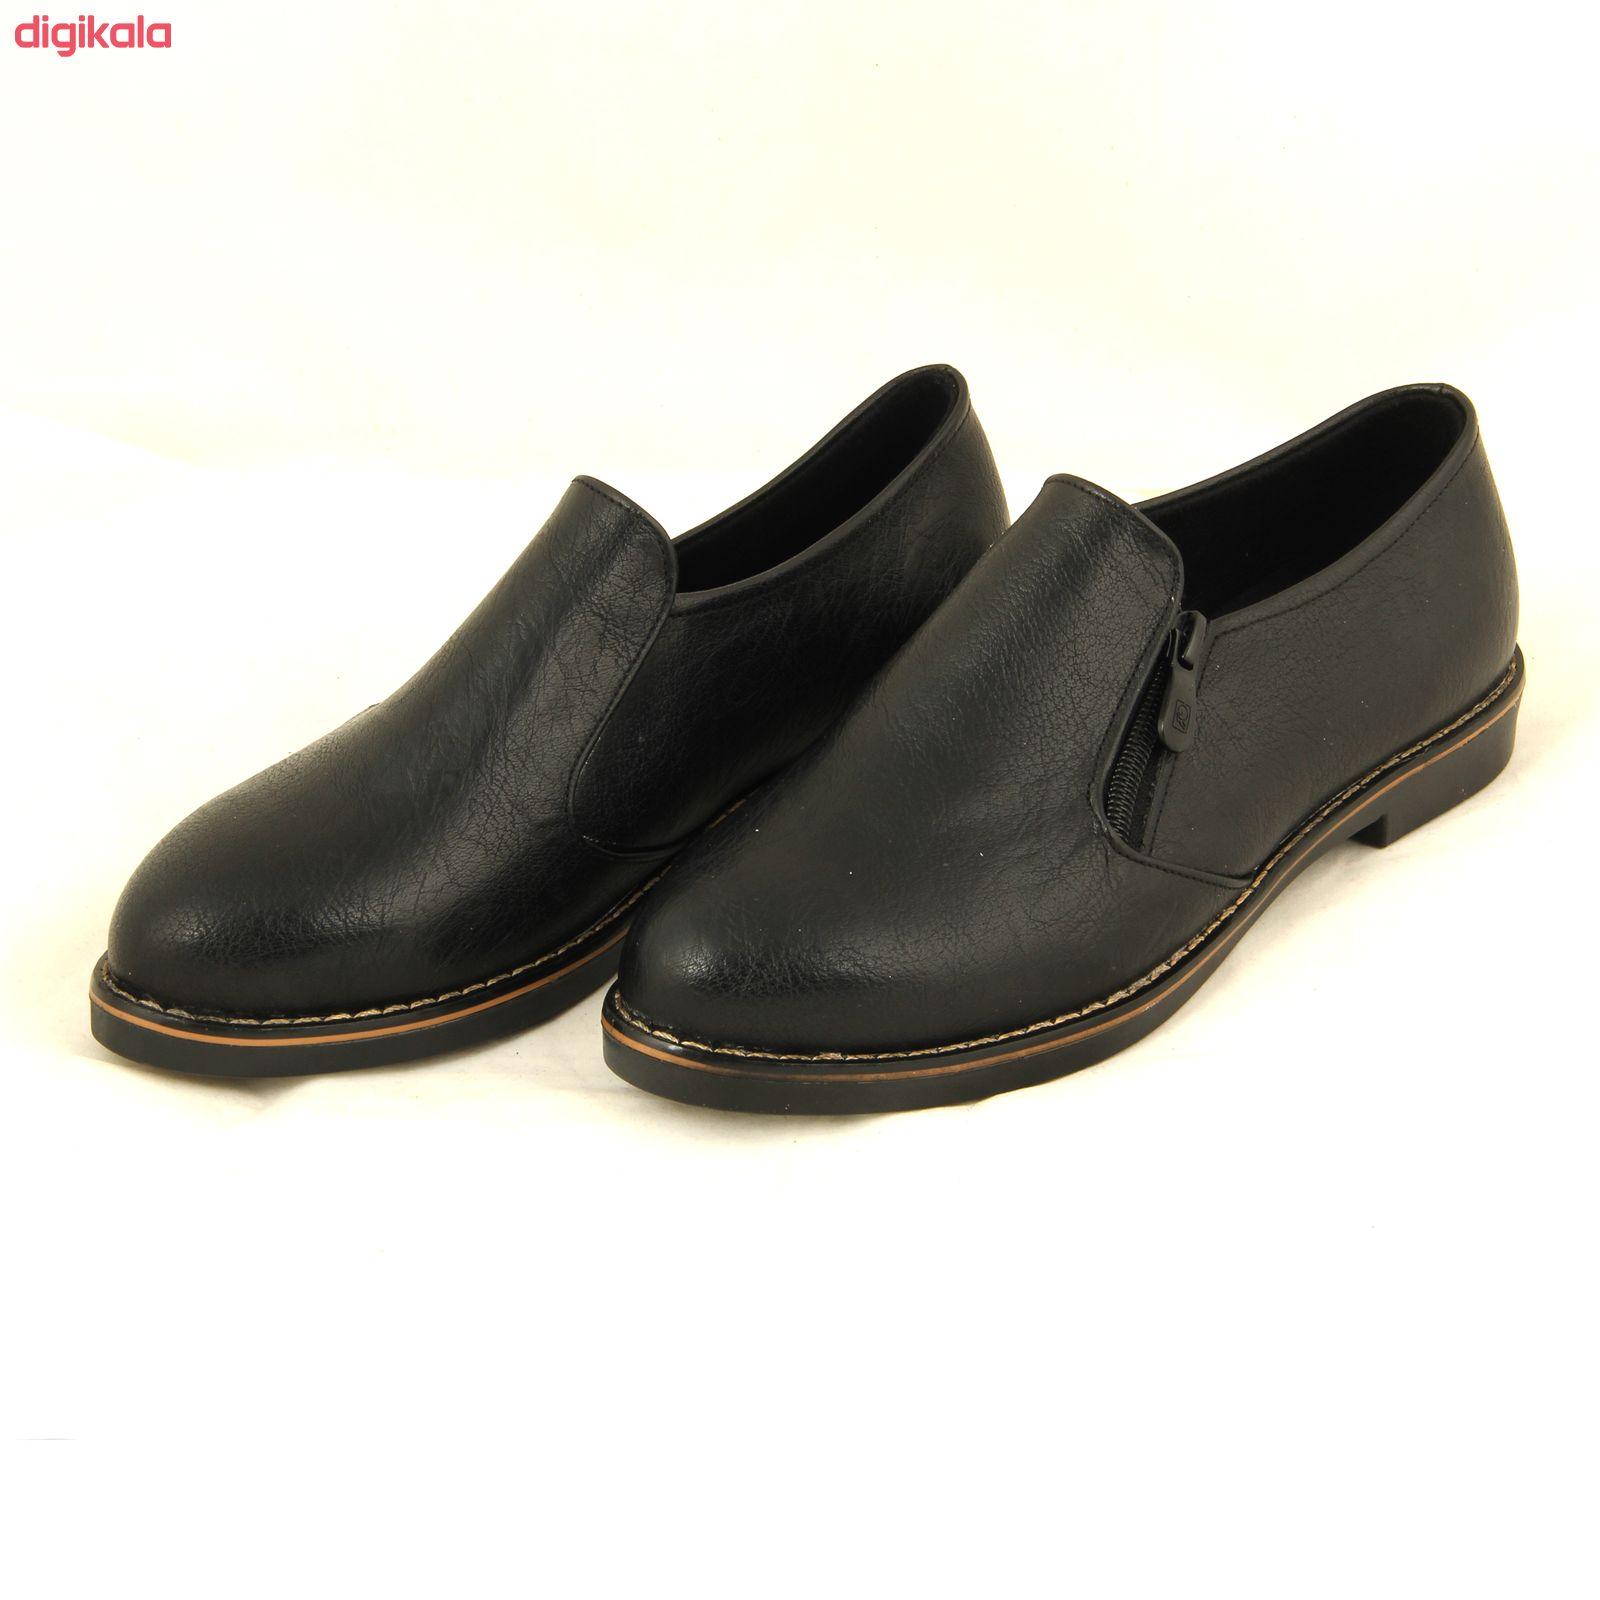 ست کیف و کفش زنانه BAB مدل ترنم کد 910-5 main 1 1